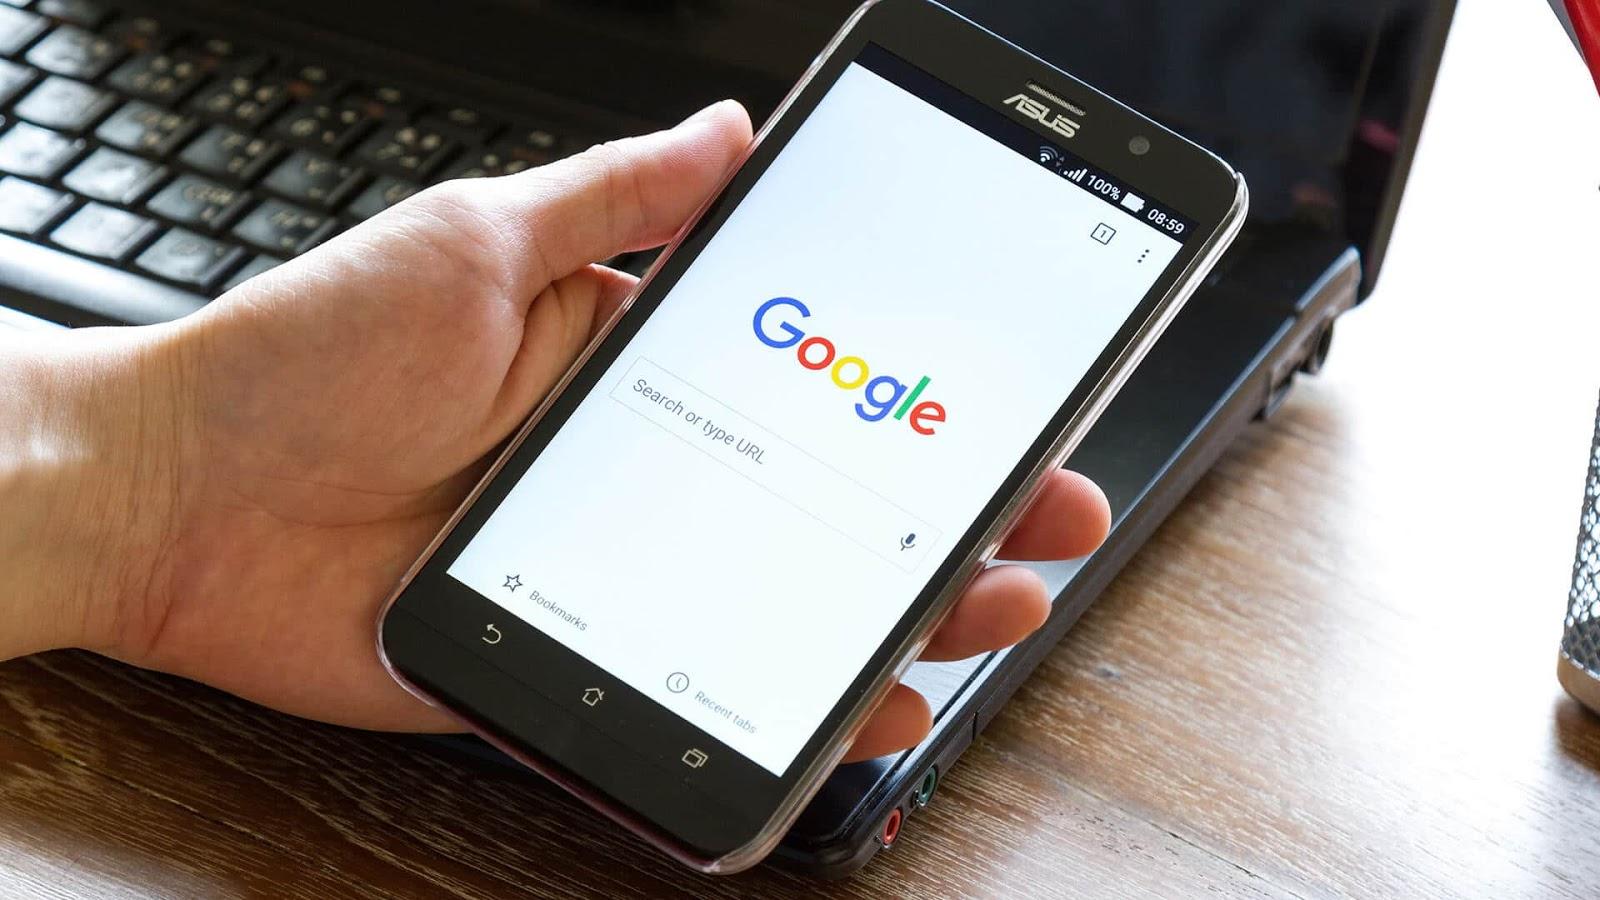 Publican una lista de celulares y otros dispositivos que no podrán acceder al internet a partir del 30 de septiembre